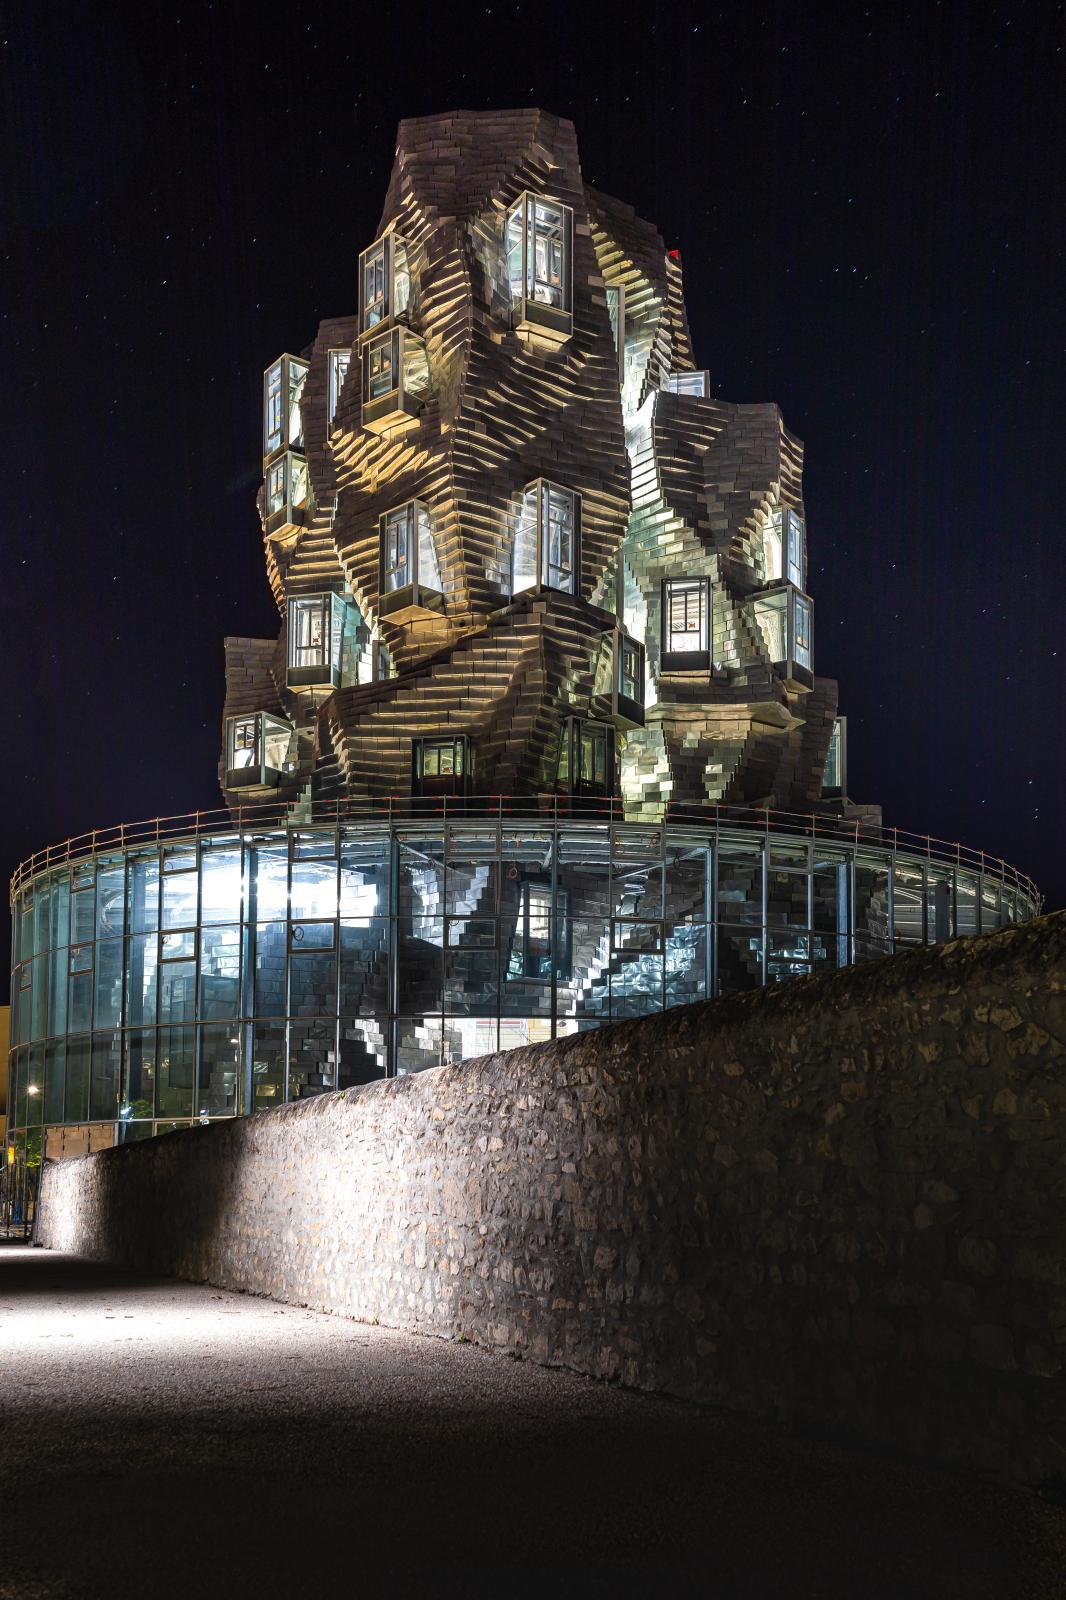 Luma Arles, Parc des Ateliers, Frank Gehry's tower, © Adrian Deweerdt